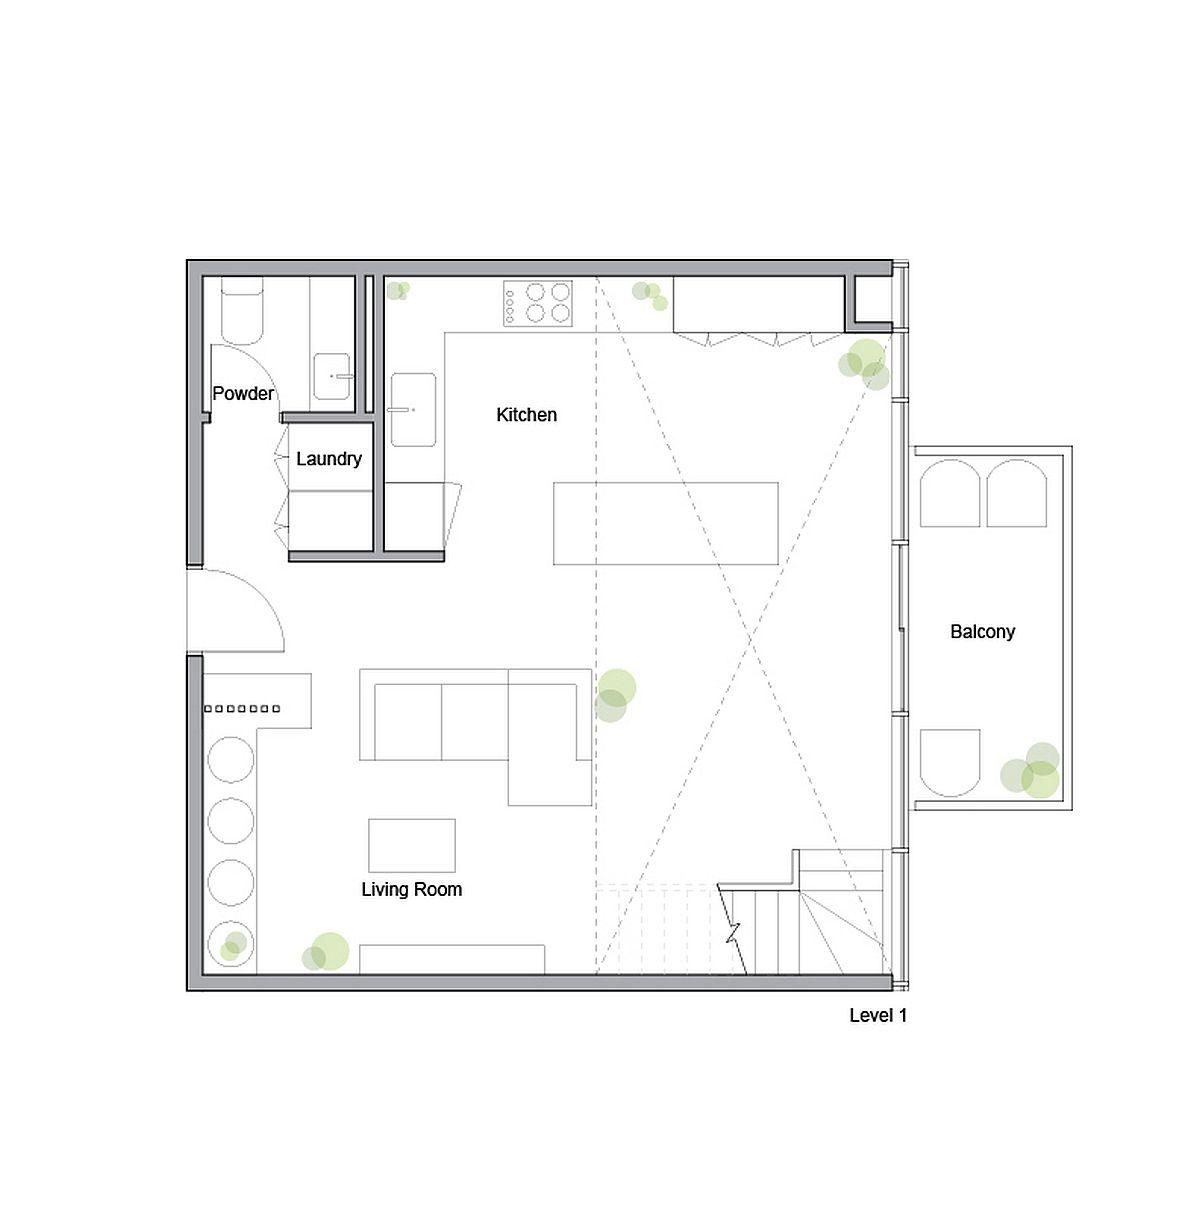 Plan d'étage inférieur du King West Loft conçu par Studio of Contemporary Architecture